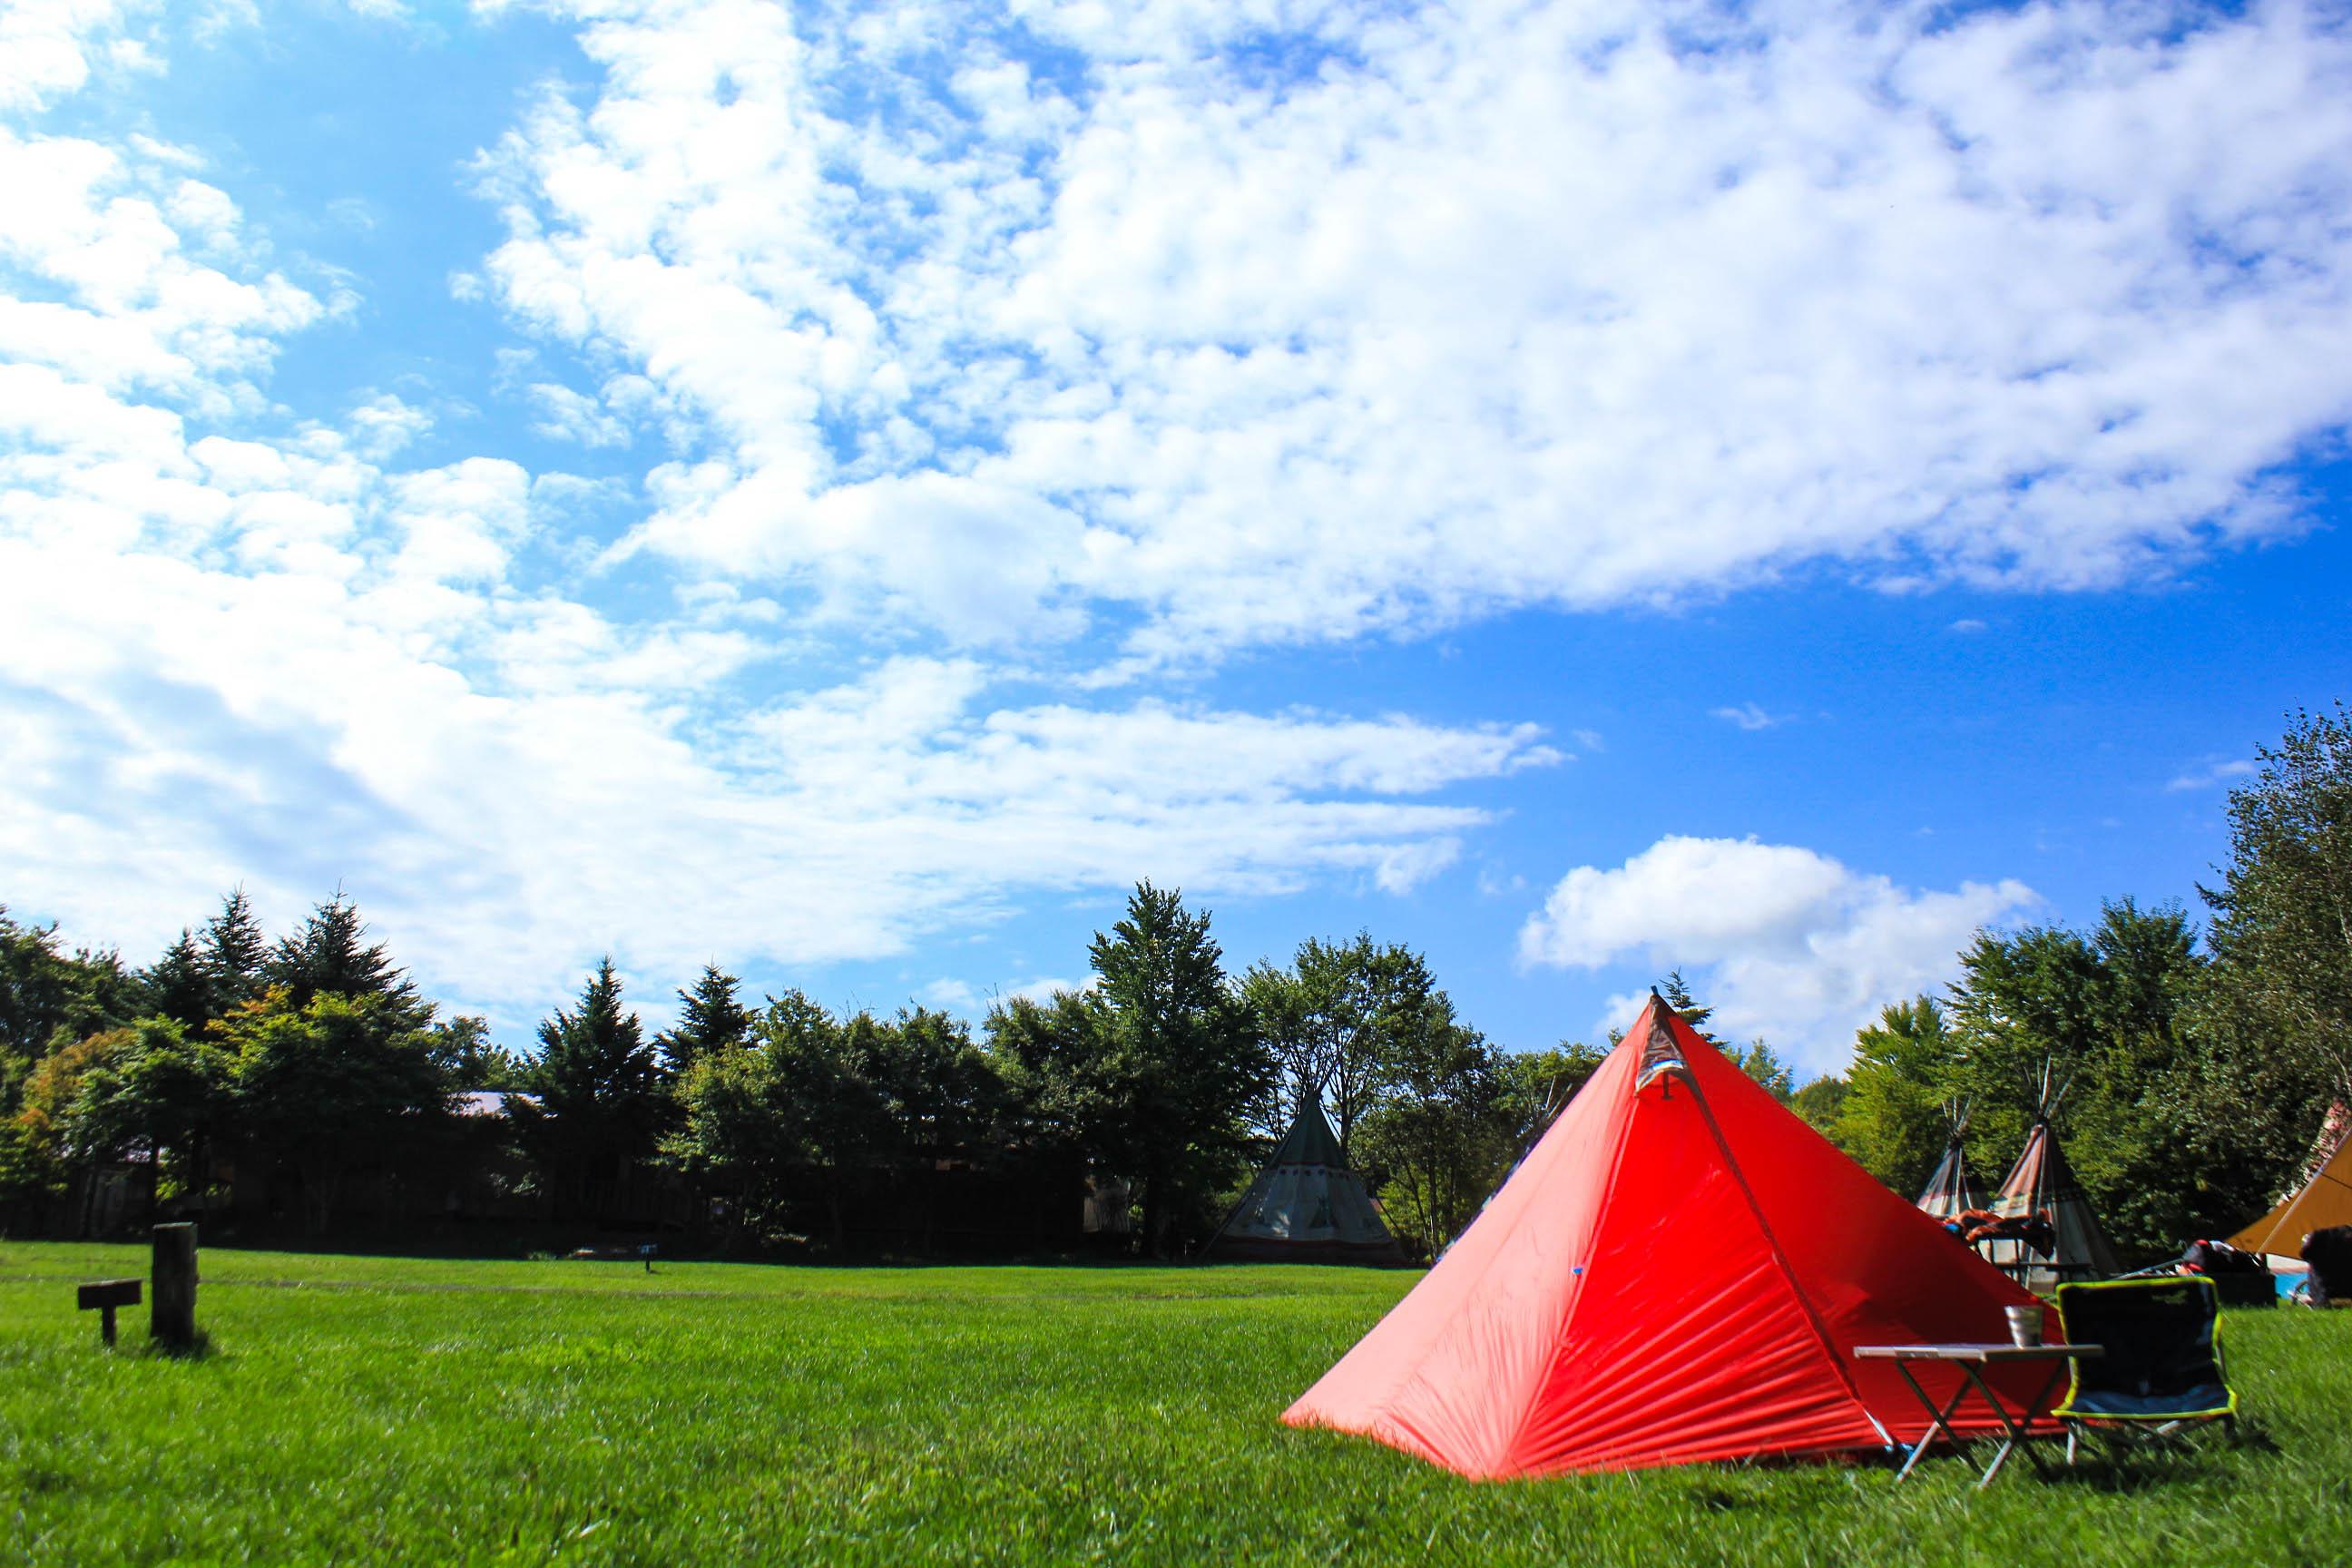 簡単設営!5分あれば設営可能なテント【こいしゆうか×テンマクデザイン「CAMPANDA」】